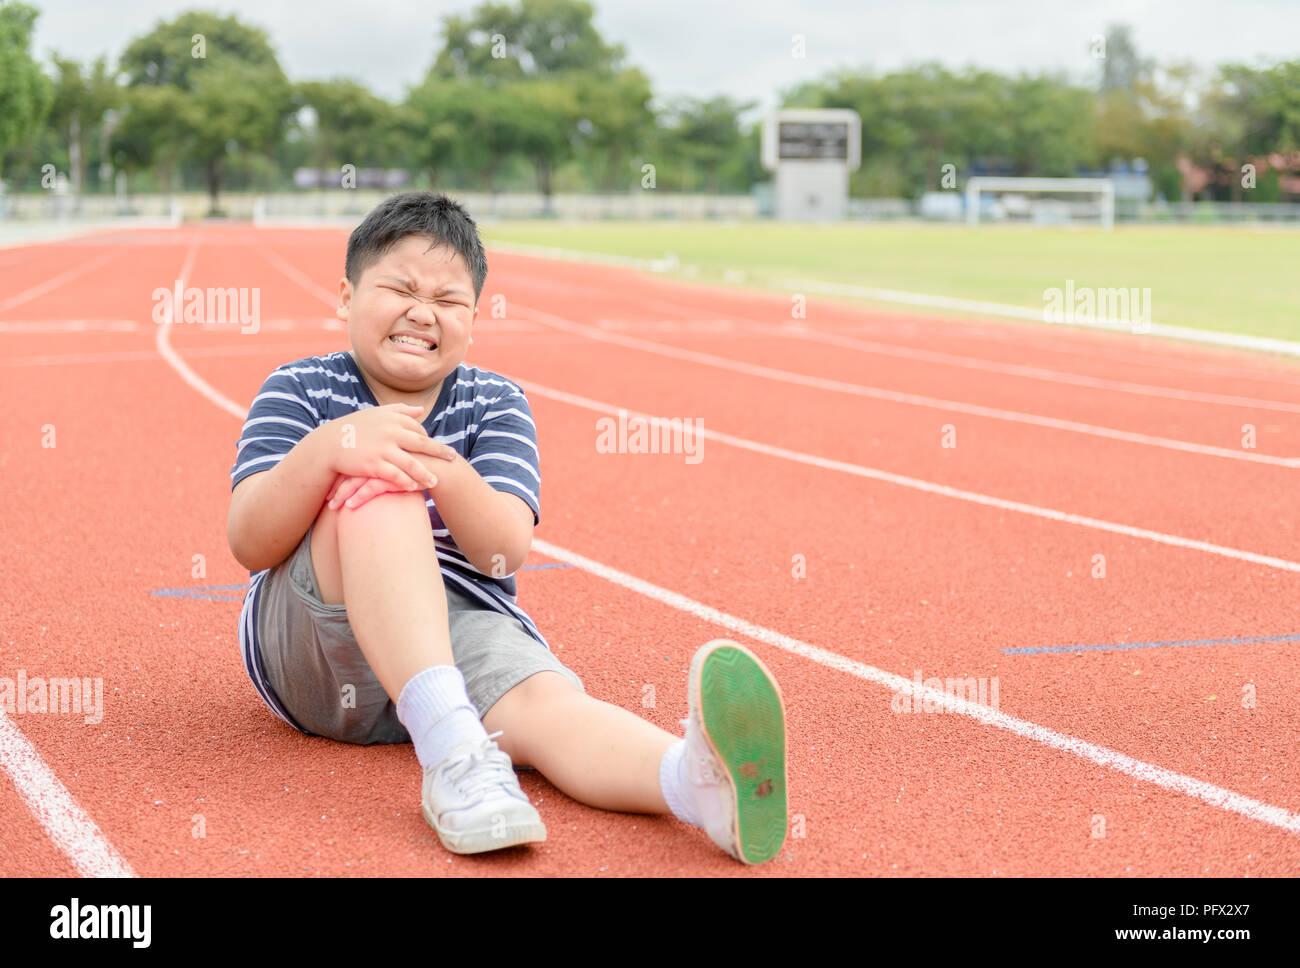 Garçon obèse la sensation de douleur après avoir blessé son genou sur la piste, l'exercice de sport concept de dommage Banque D'Images